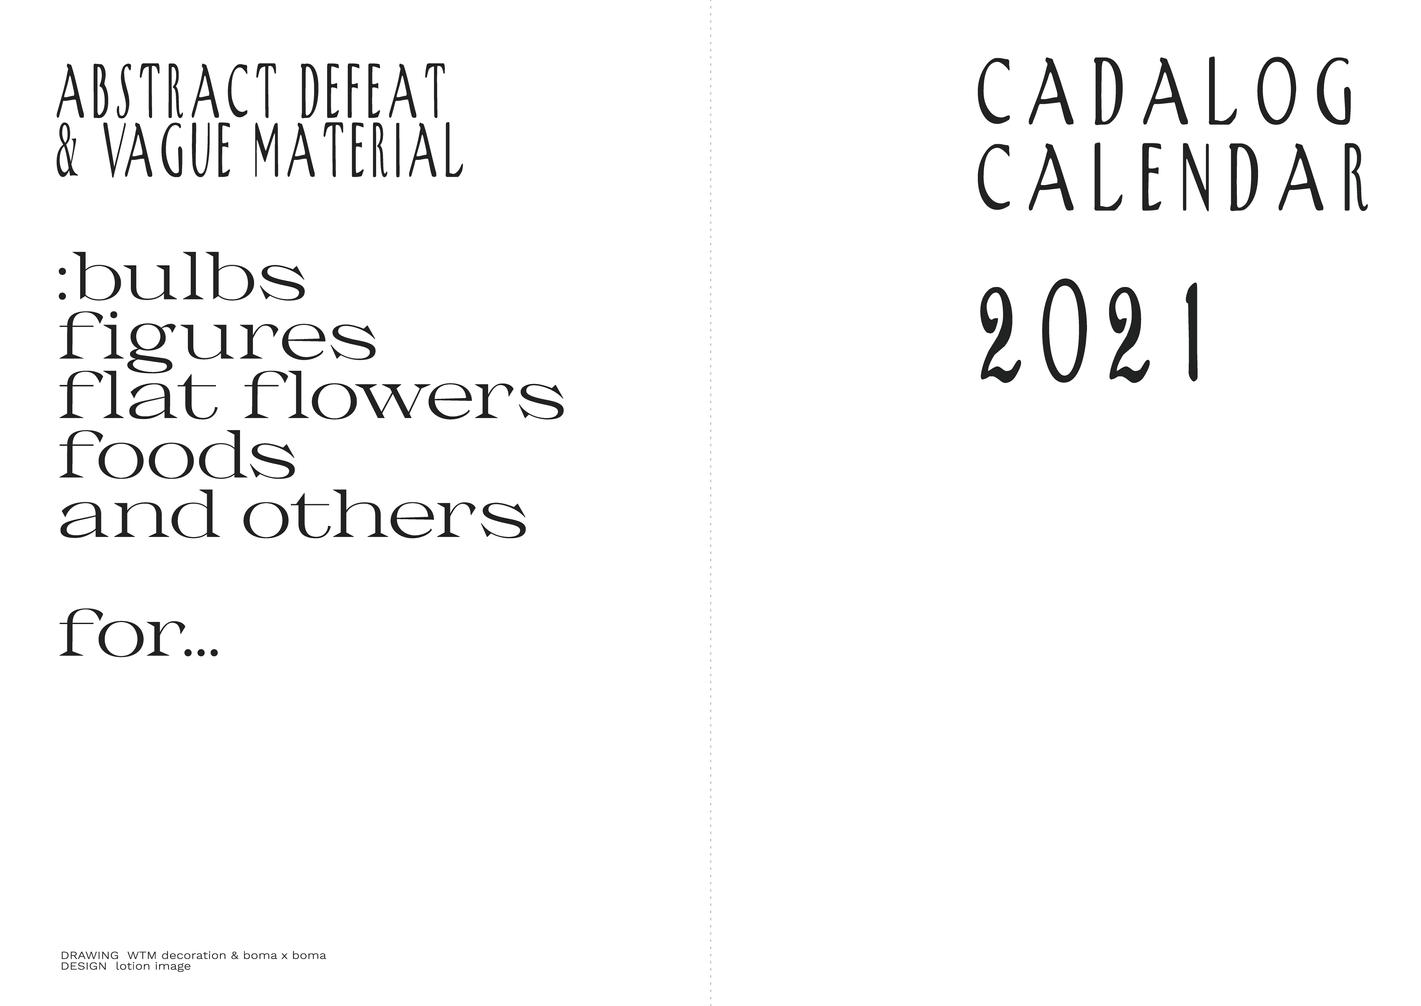 catalog calendar 2021